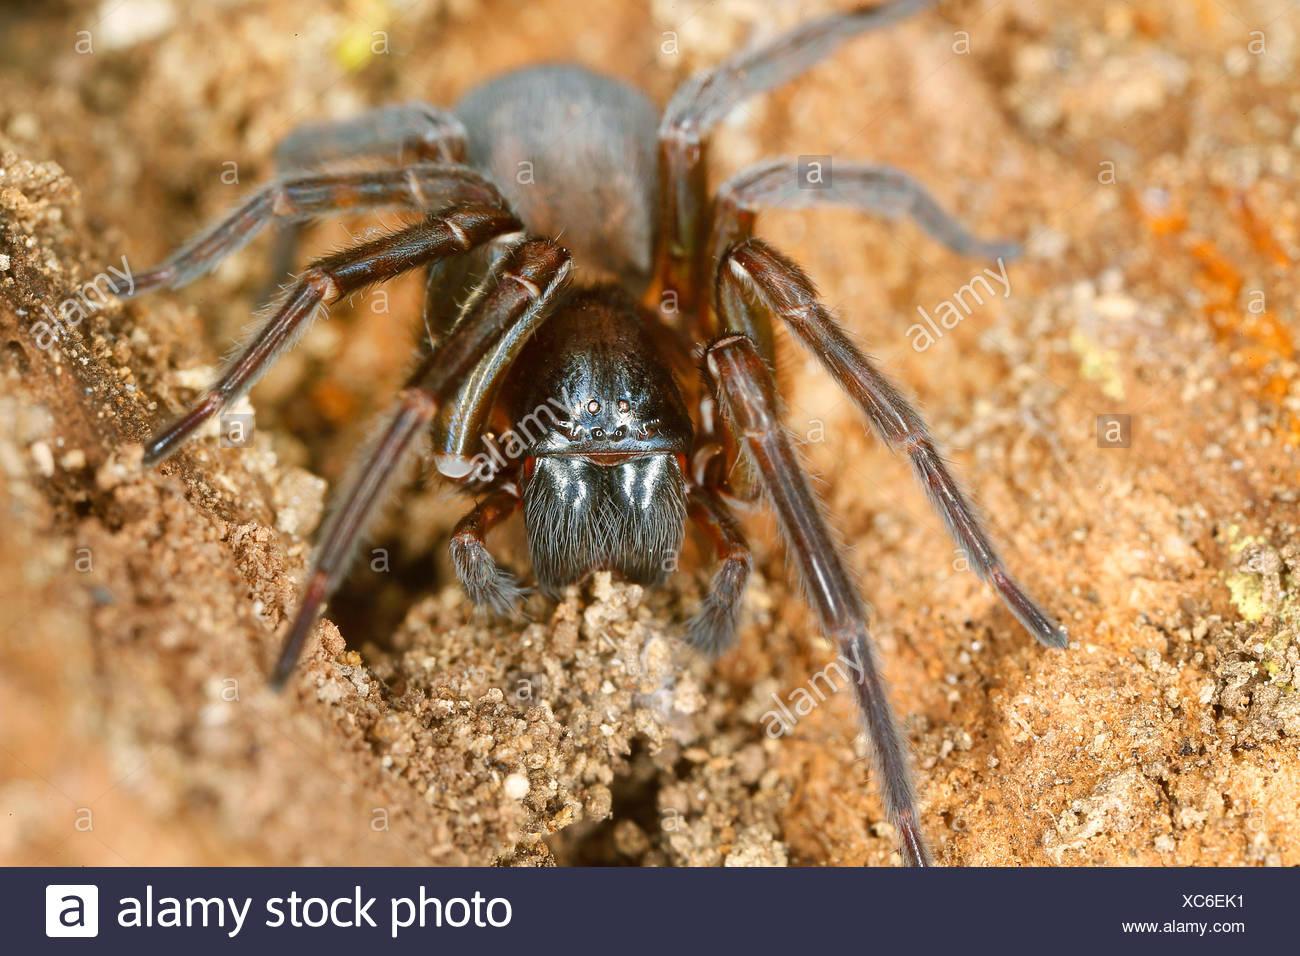 Finsterspinnen (Amaurobiidae), auf dem Boden, Oesterreich   white-eyed spiders (Amaurobiidae), on the ground, Austria   BLWS4224 - Stock Image